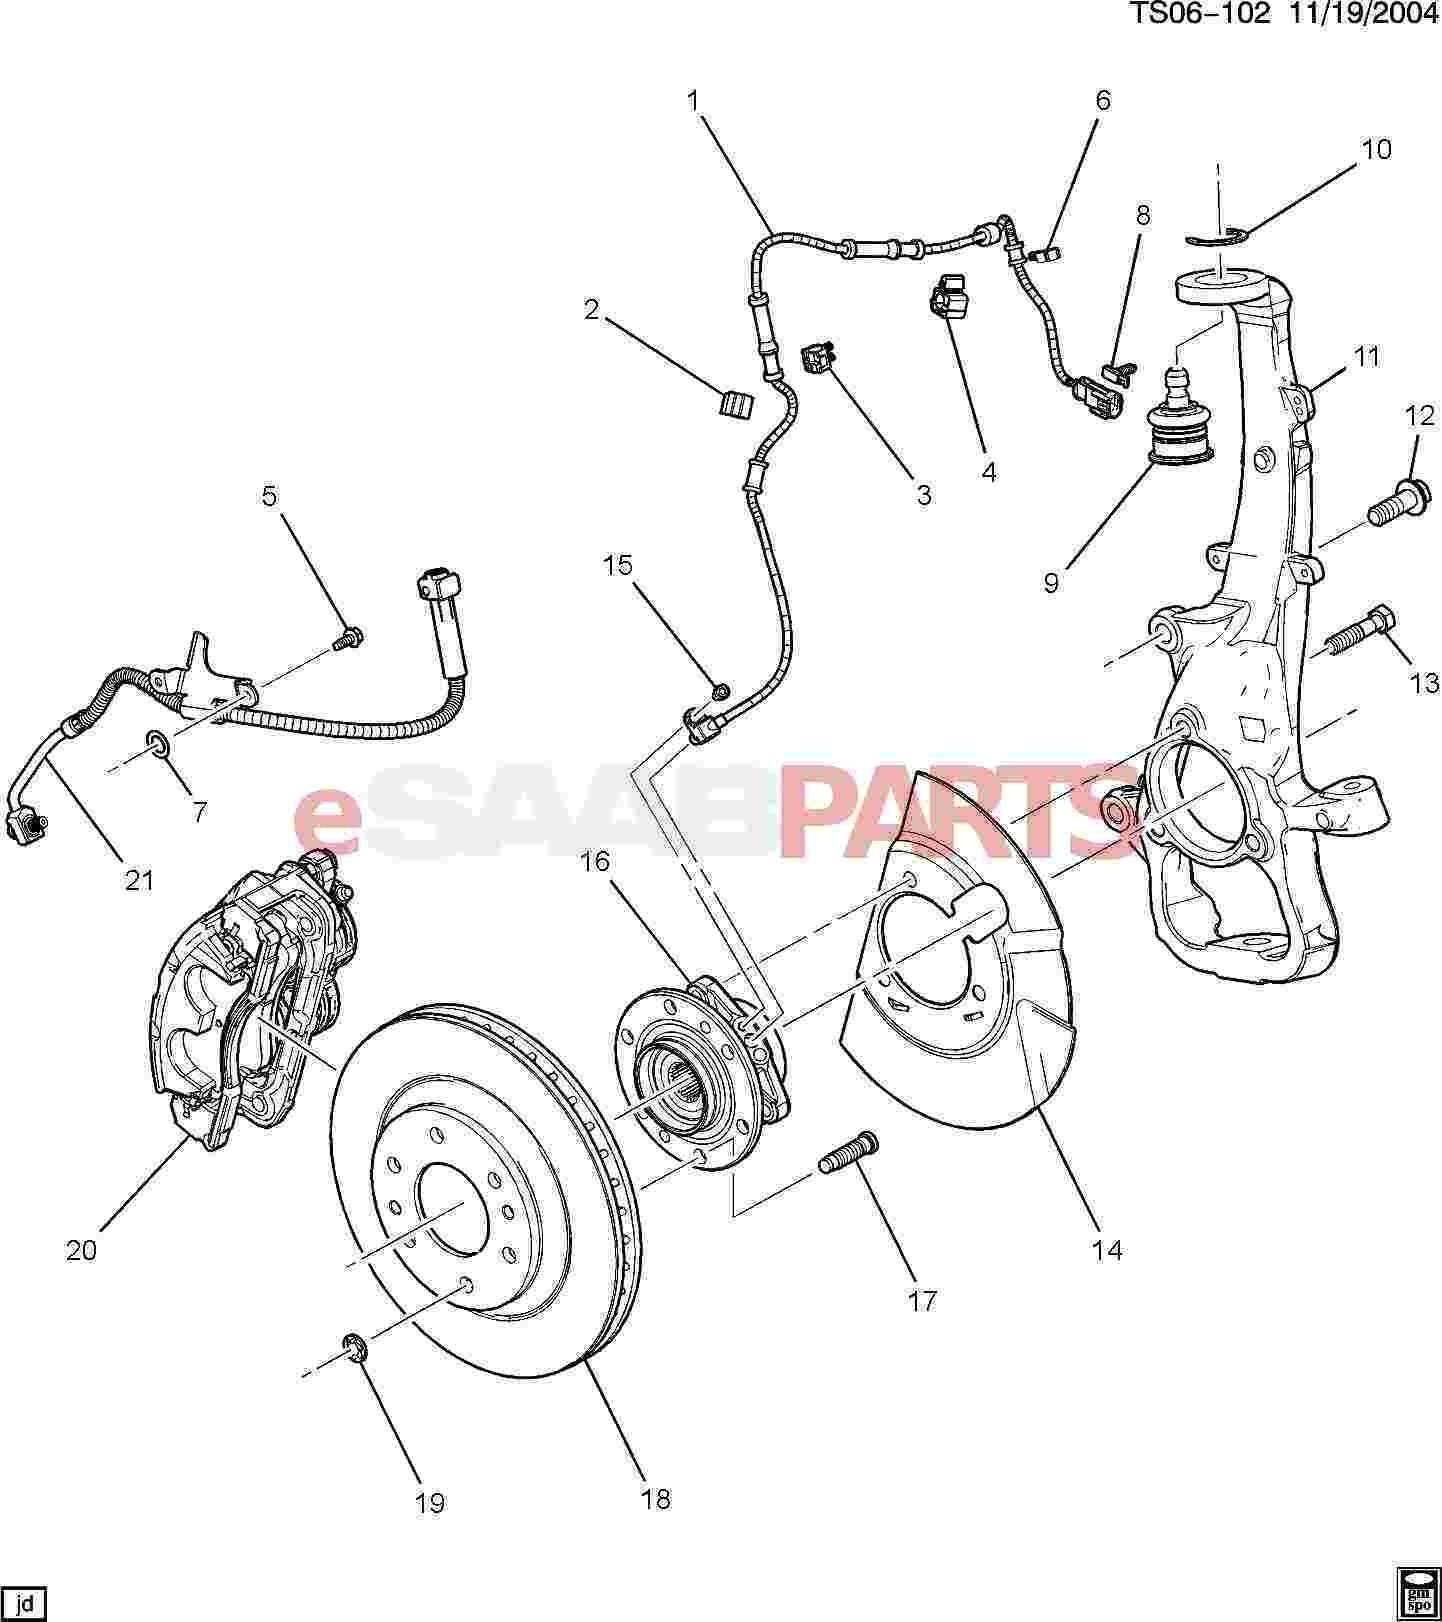 Brake Caliper Parts Diagram ] Saab Bolt Hex with Con Wa M12x1 75×55 30 Thd 24 Od Of Brake Caliper Parts Diagram